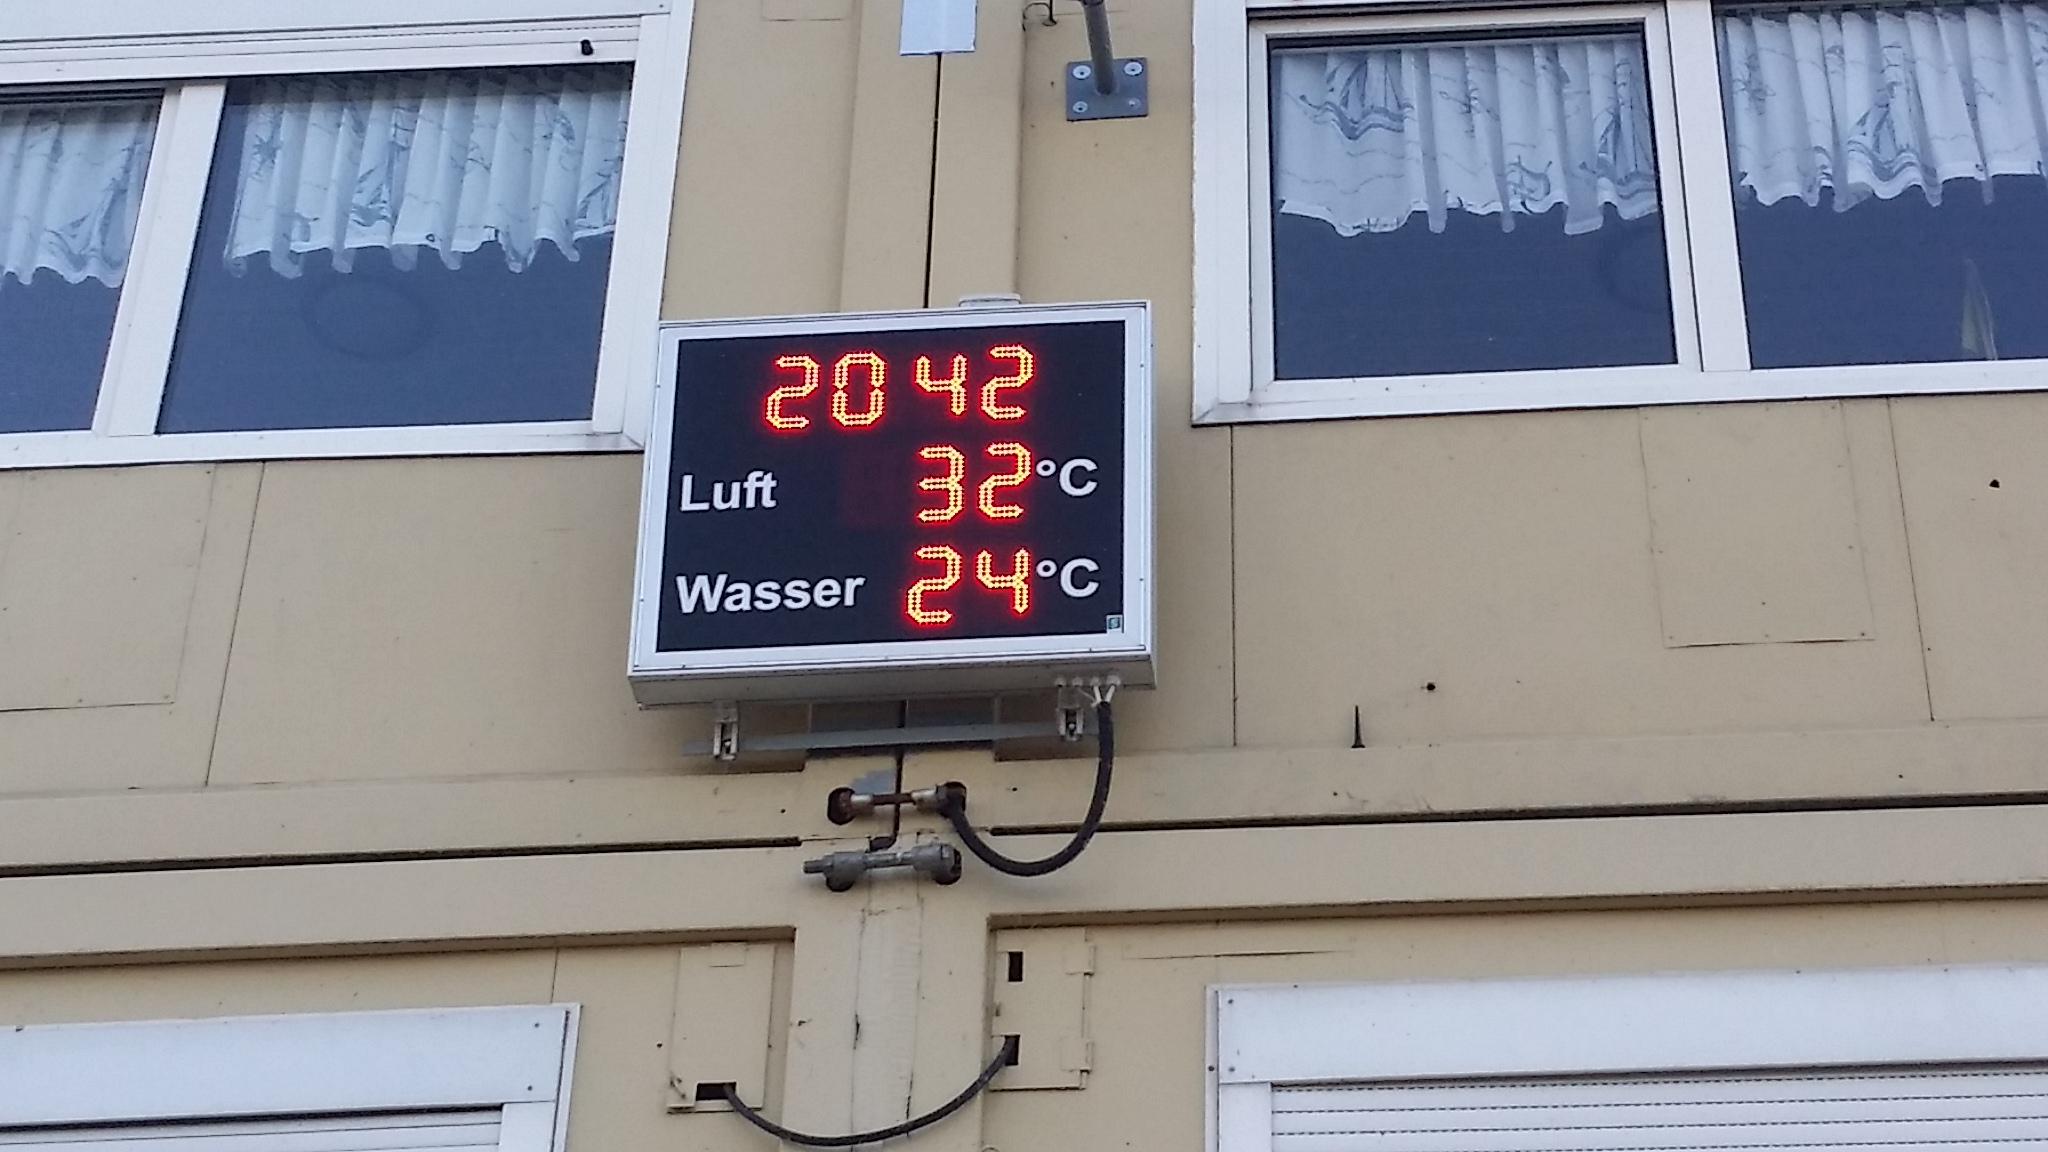 20:42 h noch 32°